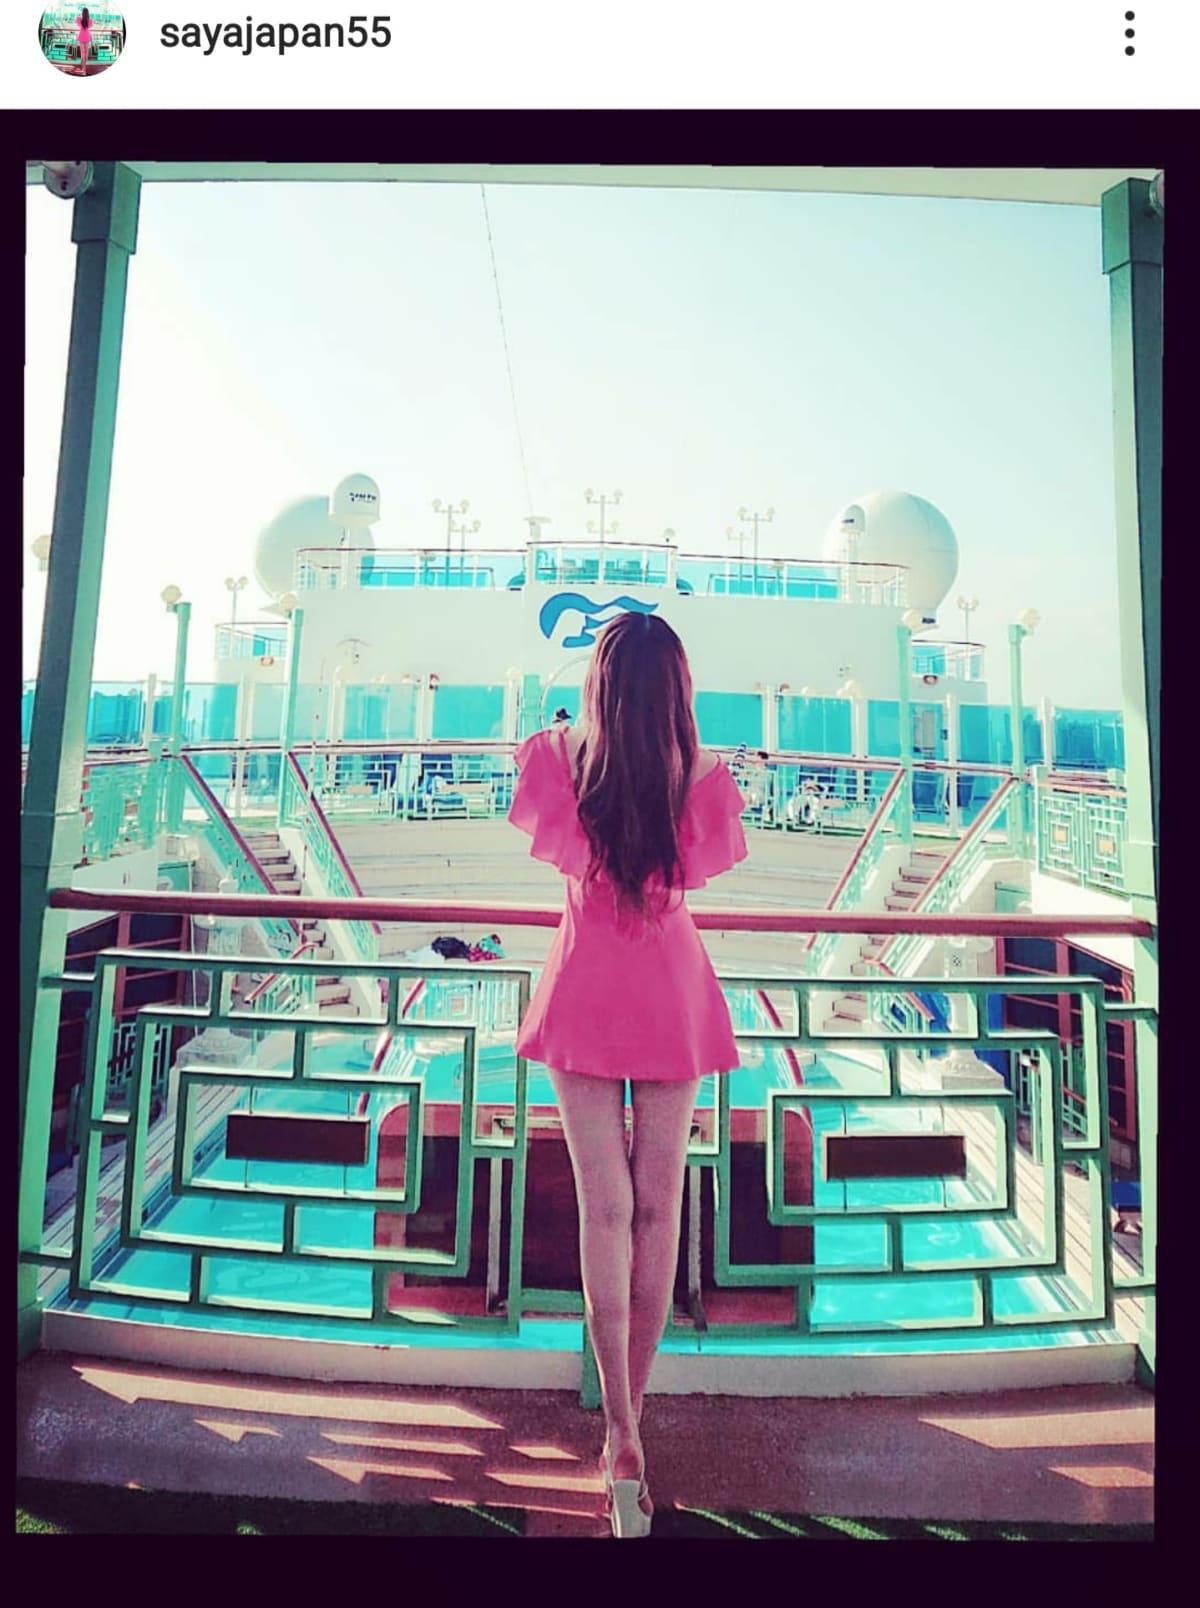 有料エリア サンクチュアリ | 客船ダイヤモンド・プリンセスの乗客、船内施設